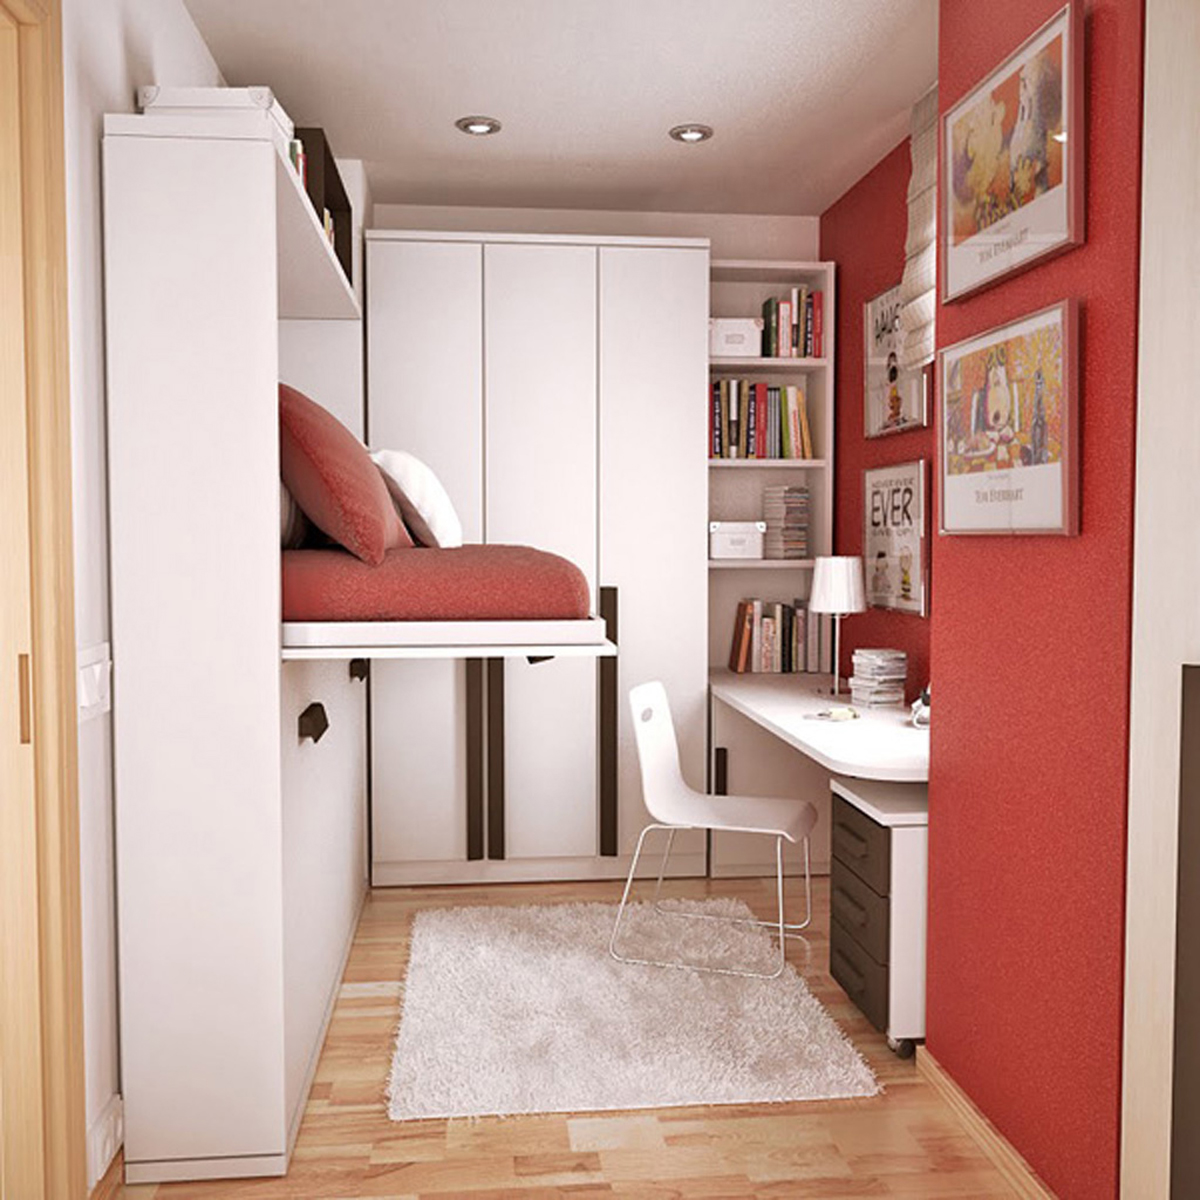 Дизайн интерьера для маленькой комнаты